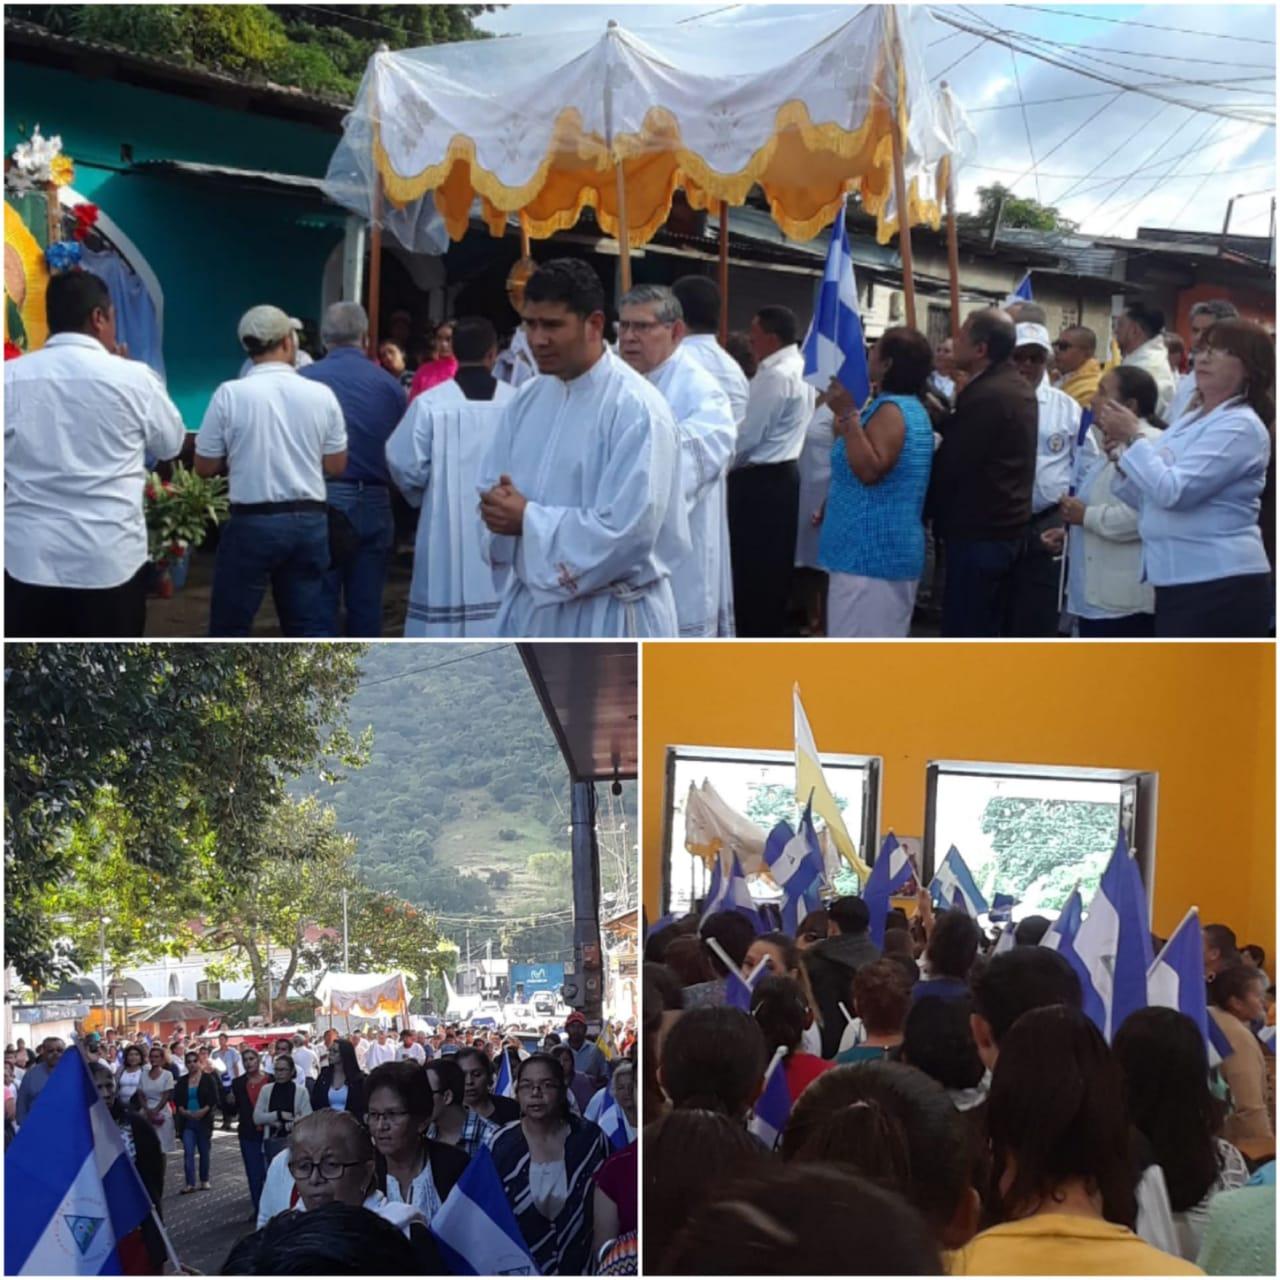 Fotografías de la procesión del 1 de enero, en Jinotega. Foto: Artículo 66